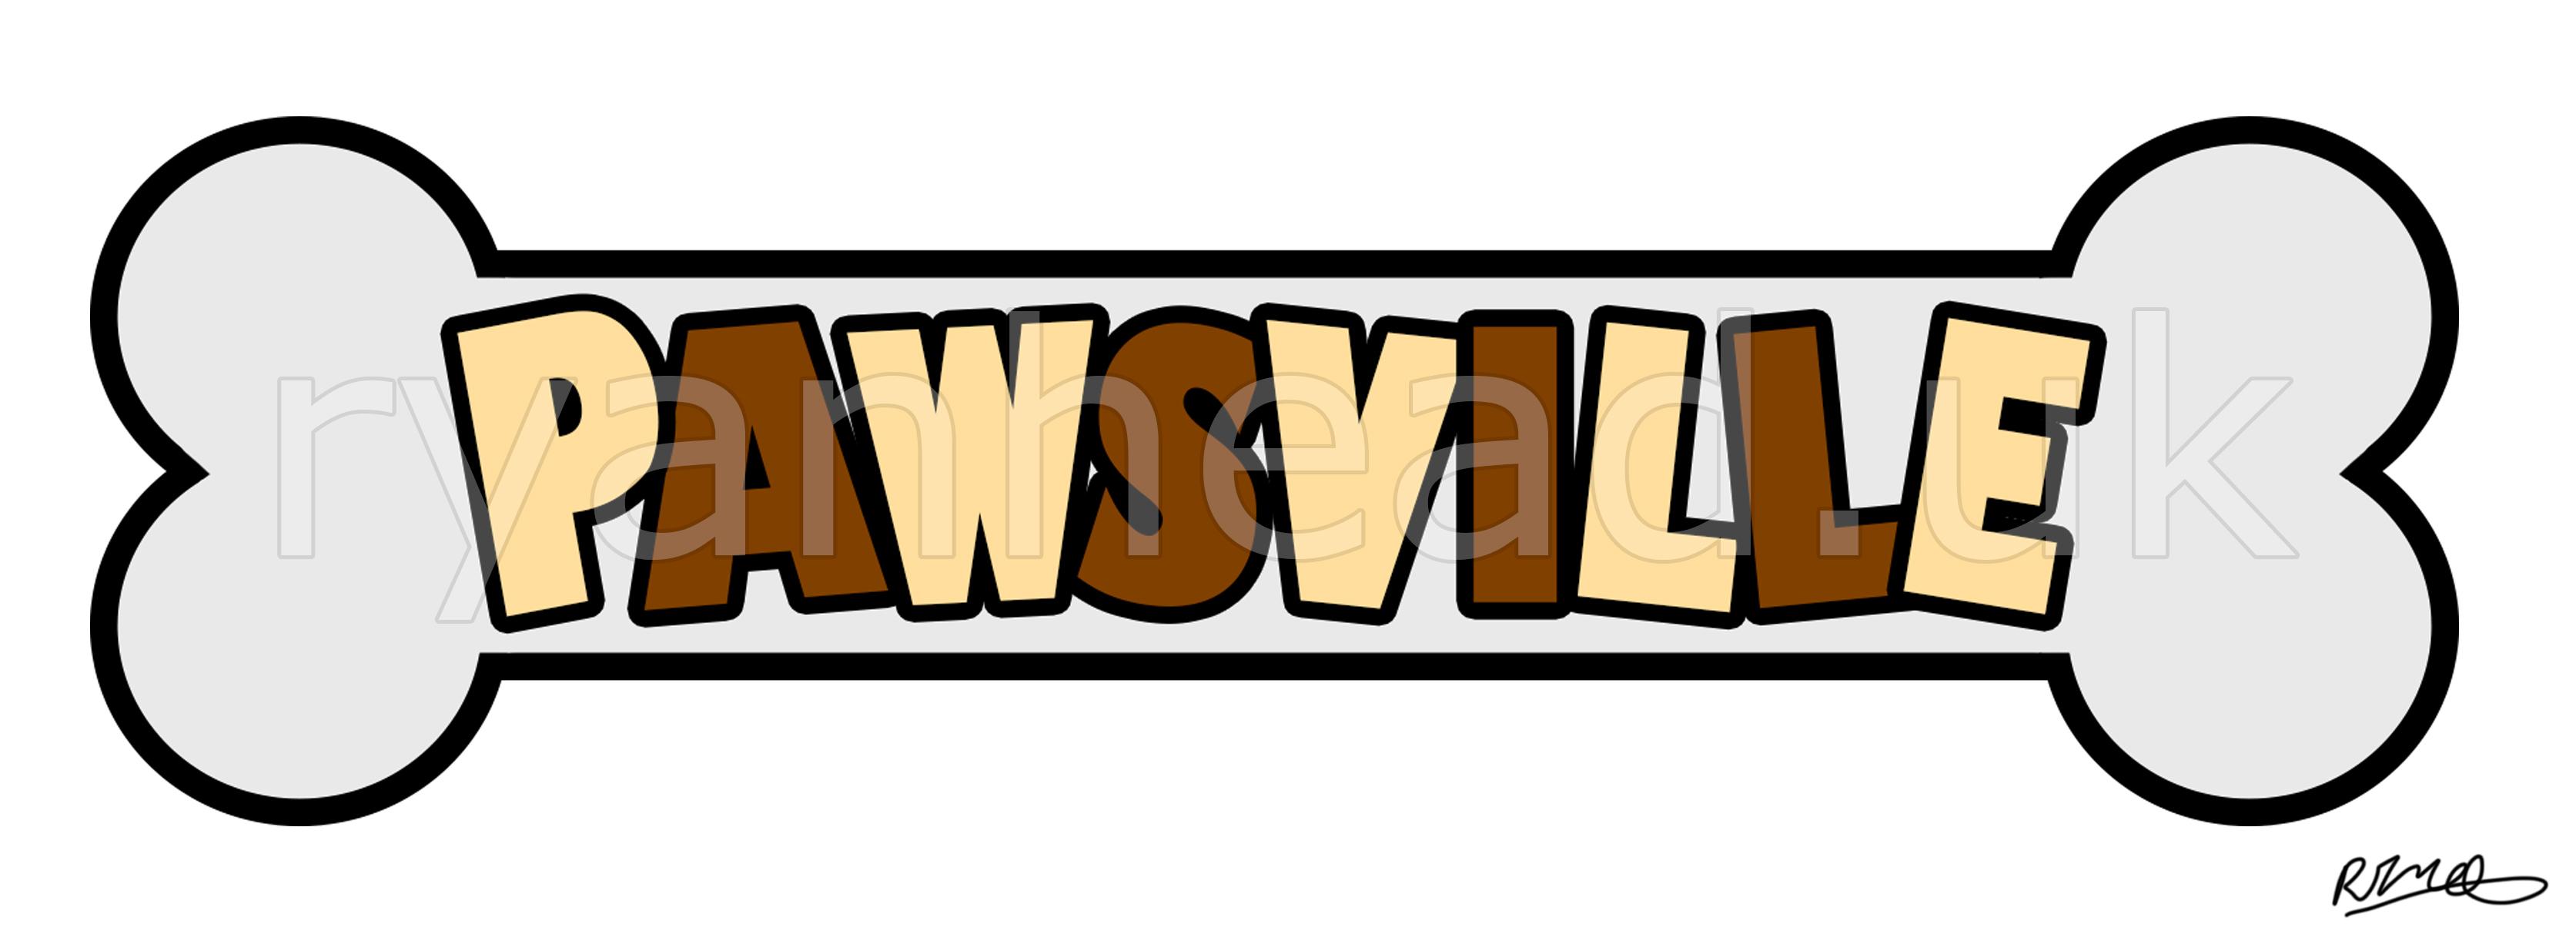 'Pawsville' Logo